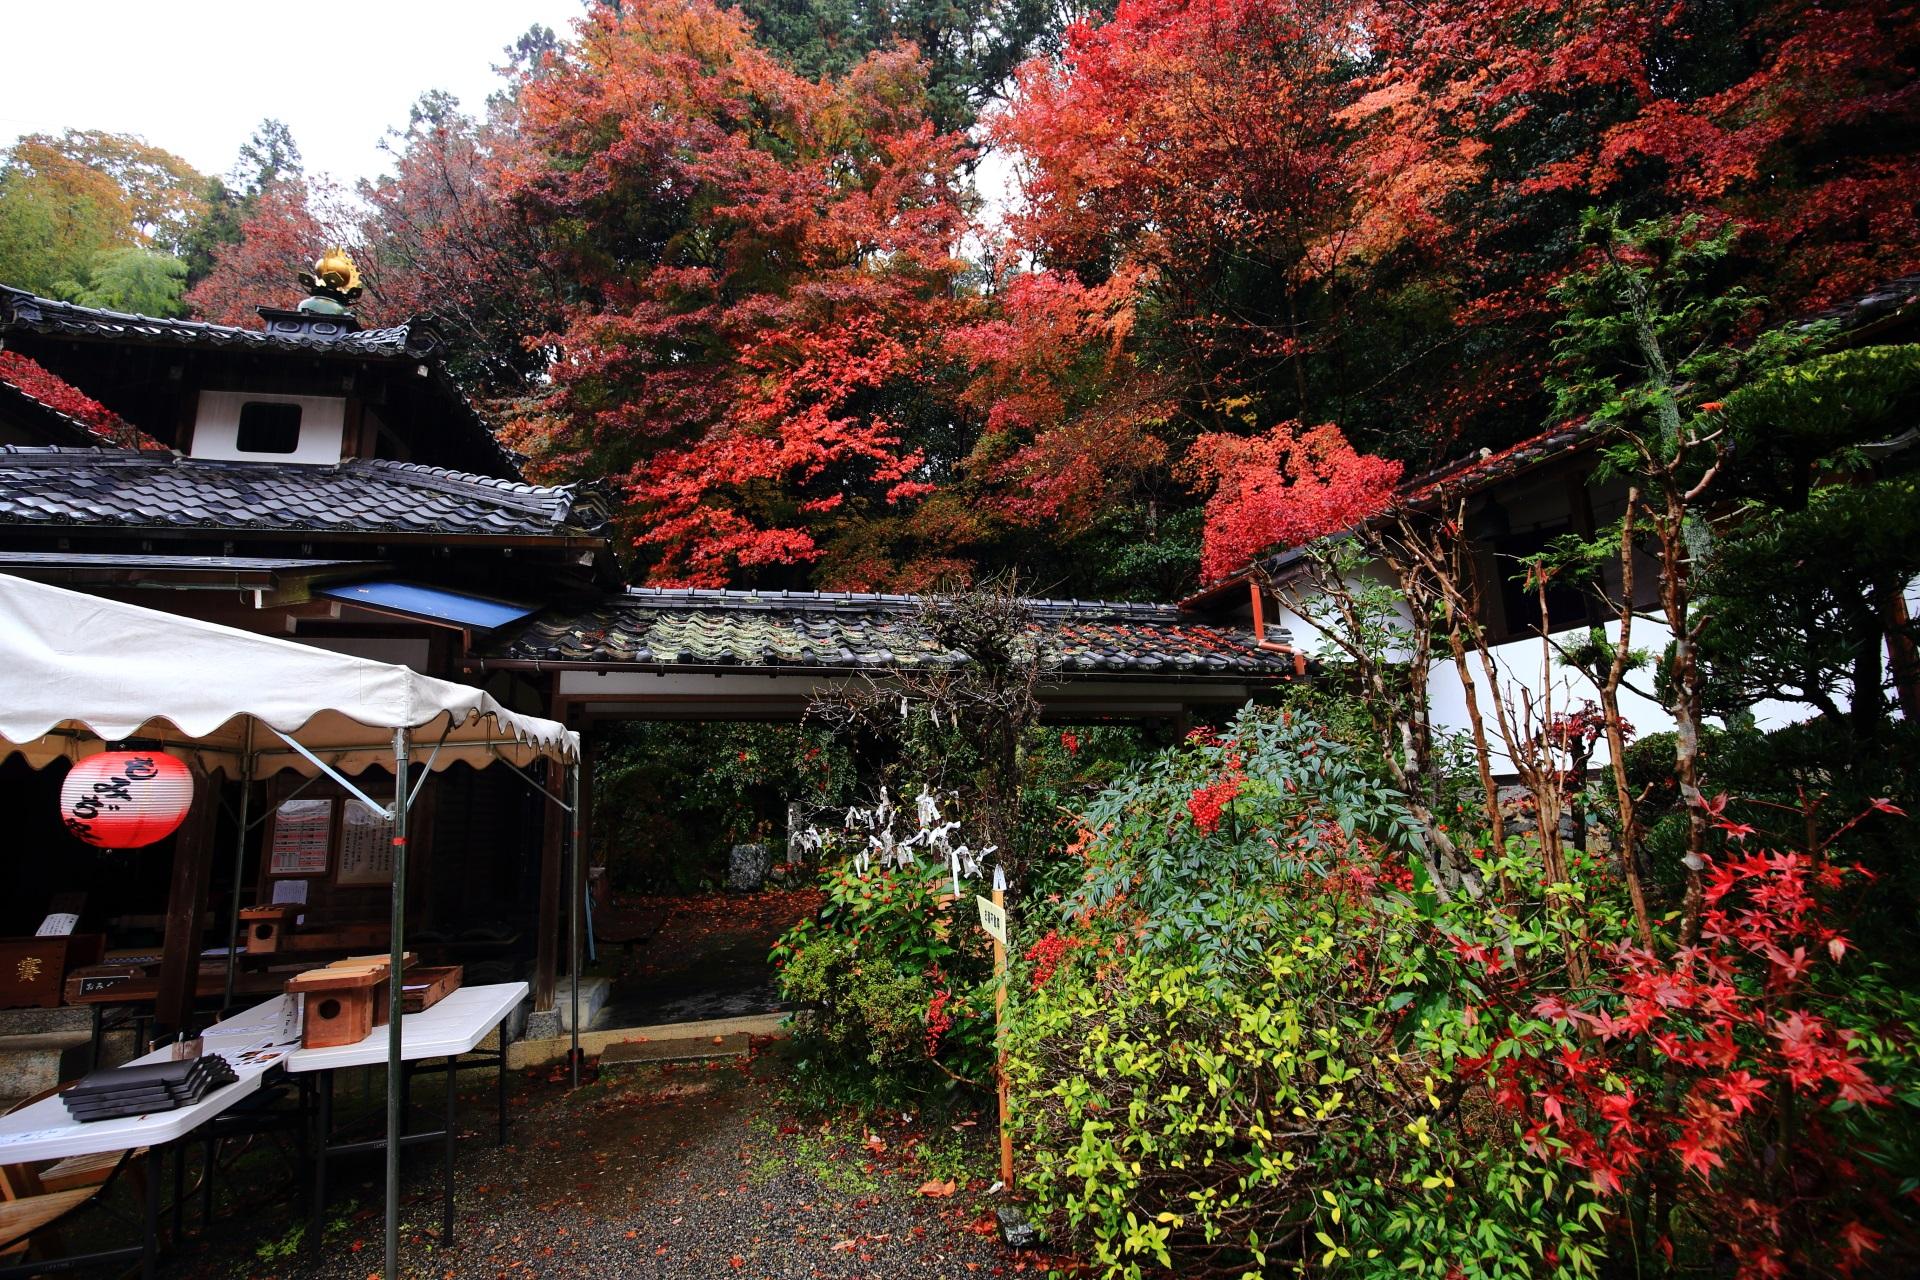 双林院の見ごろの紅葉と赤い実をつけた南天